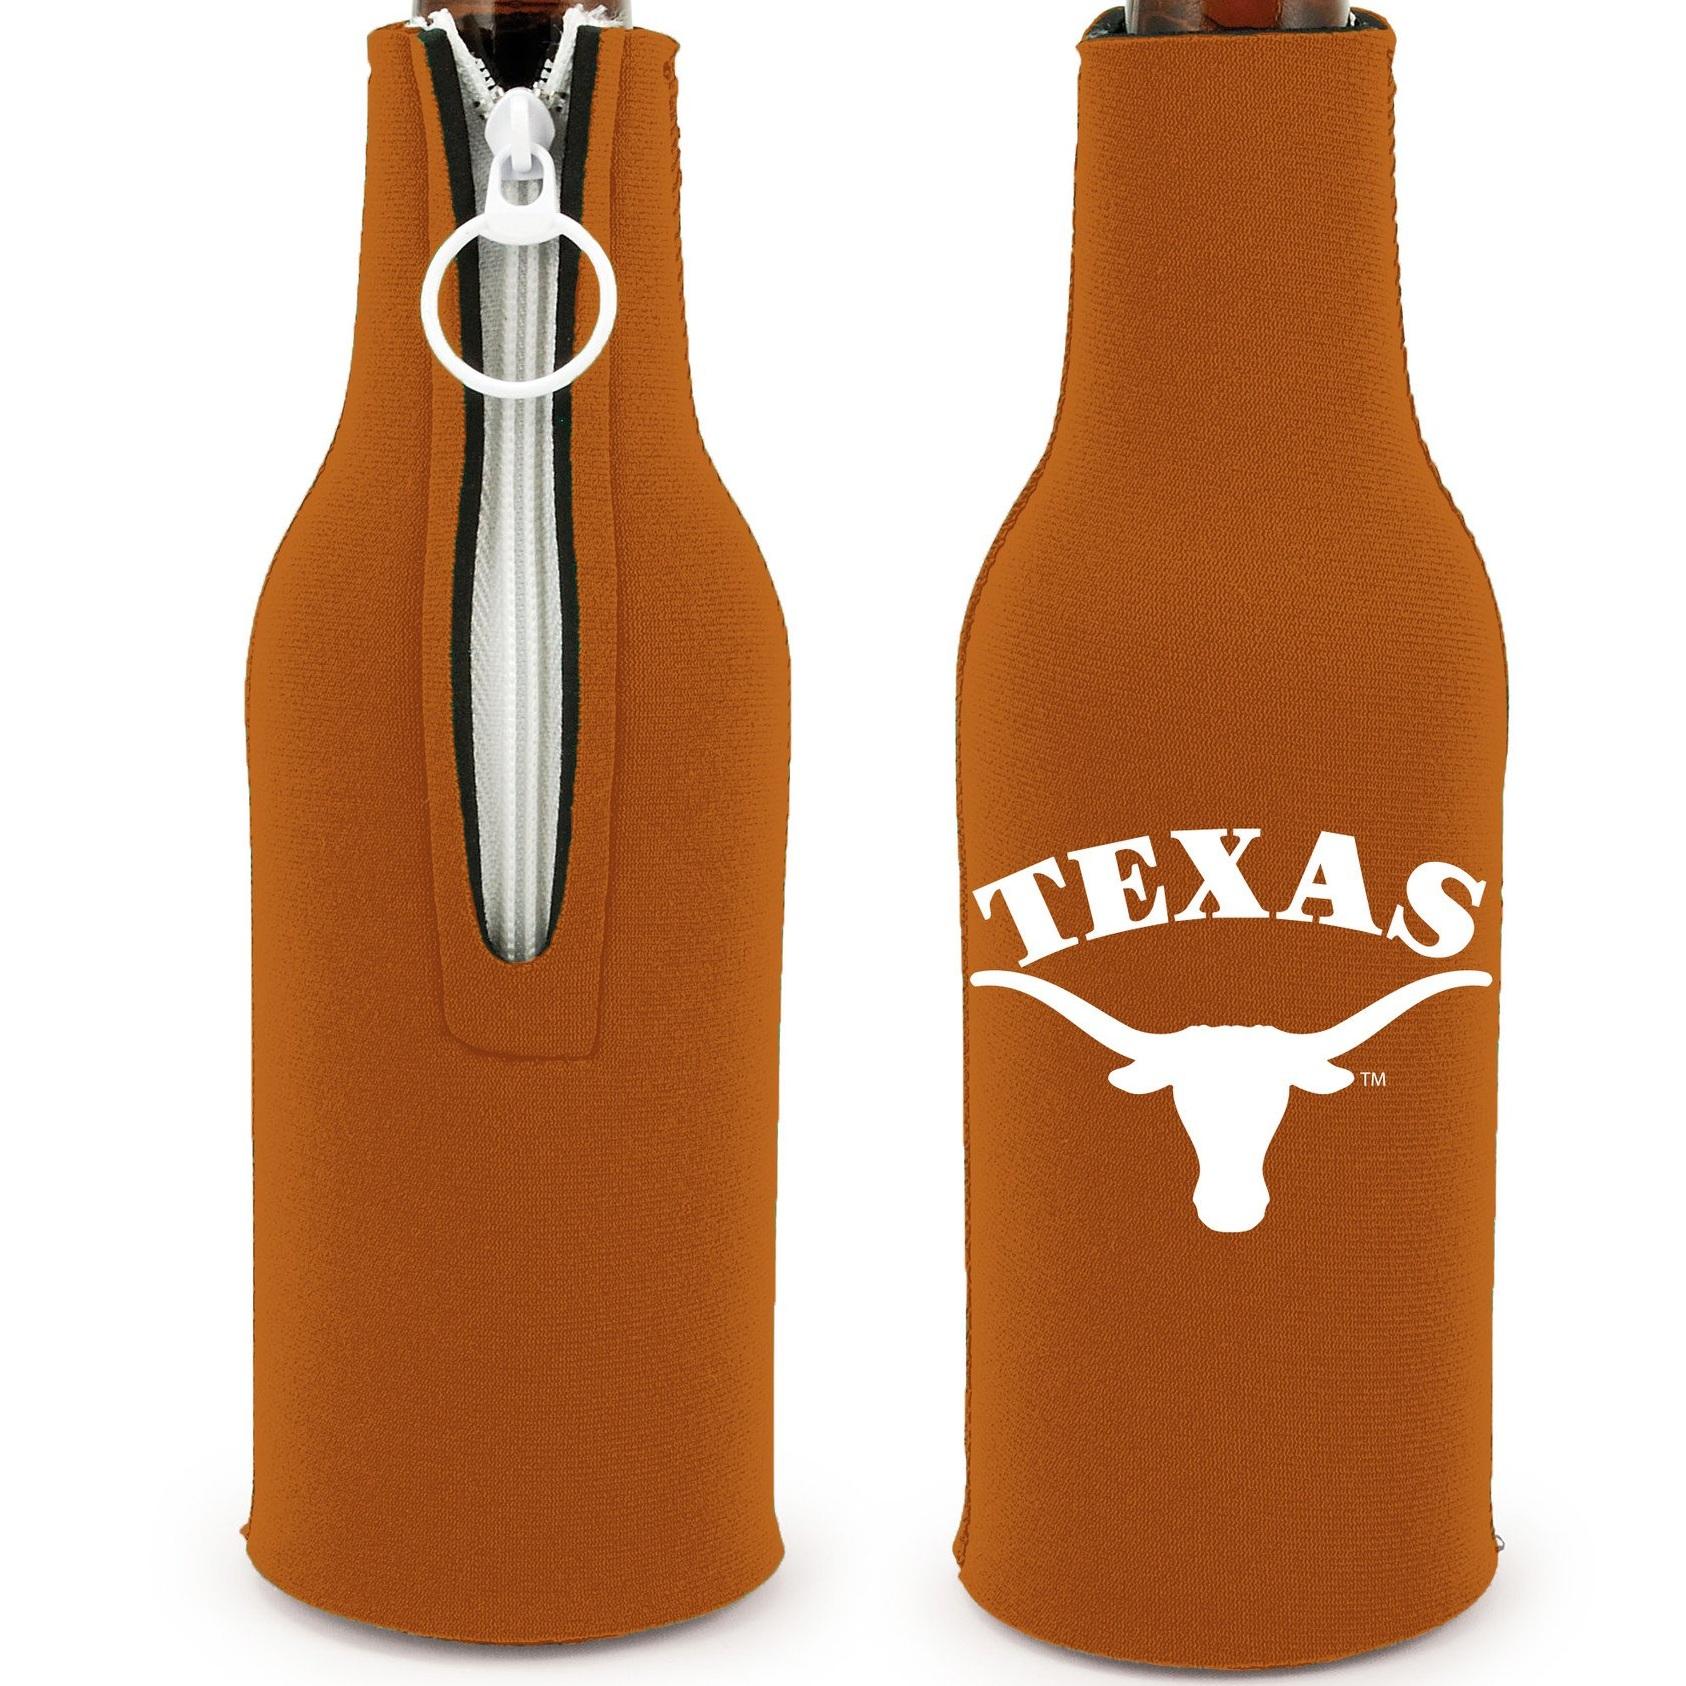 Texas Bottle Suit Koozie